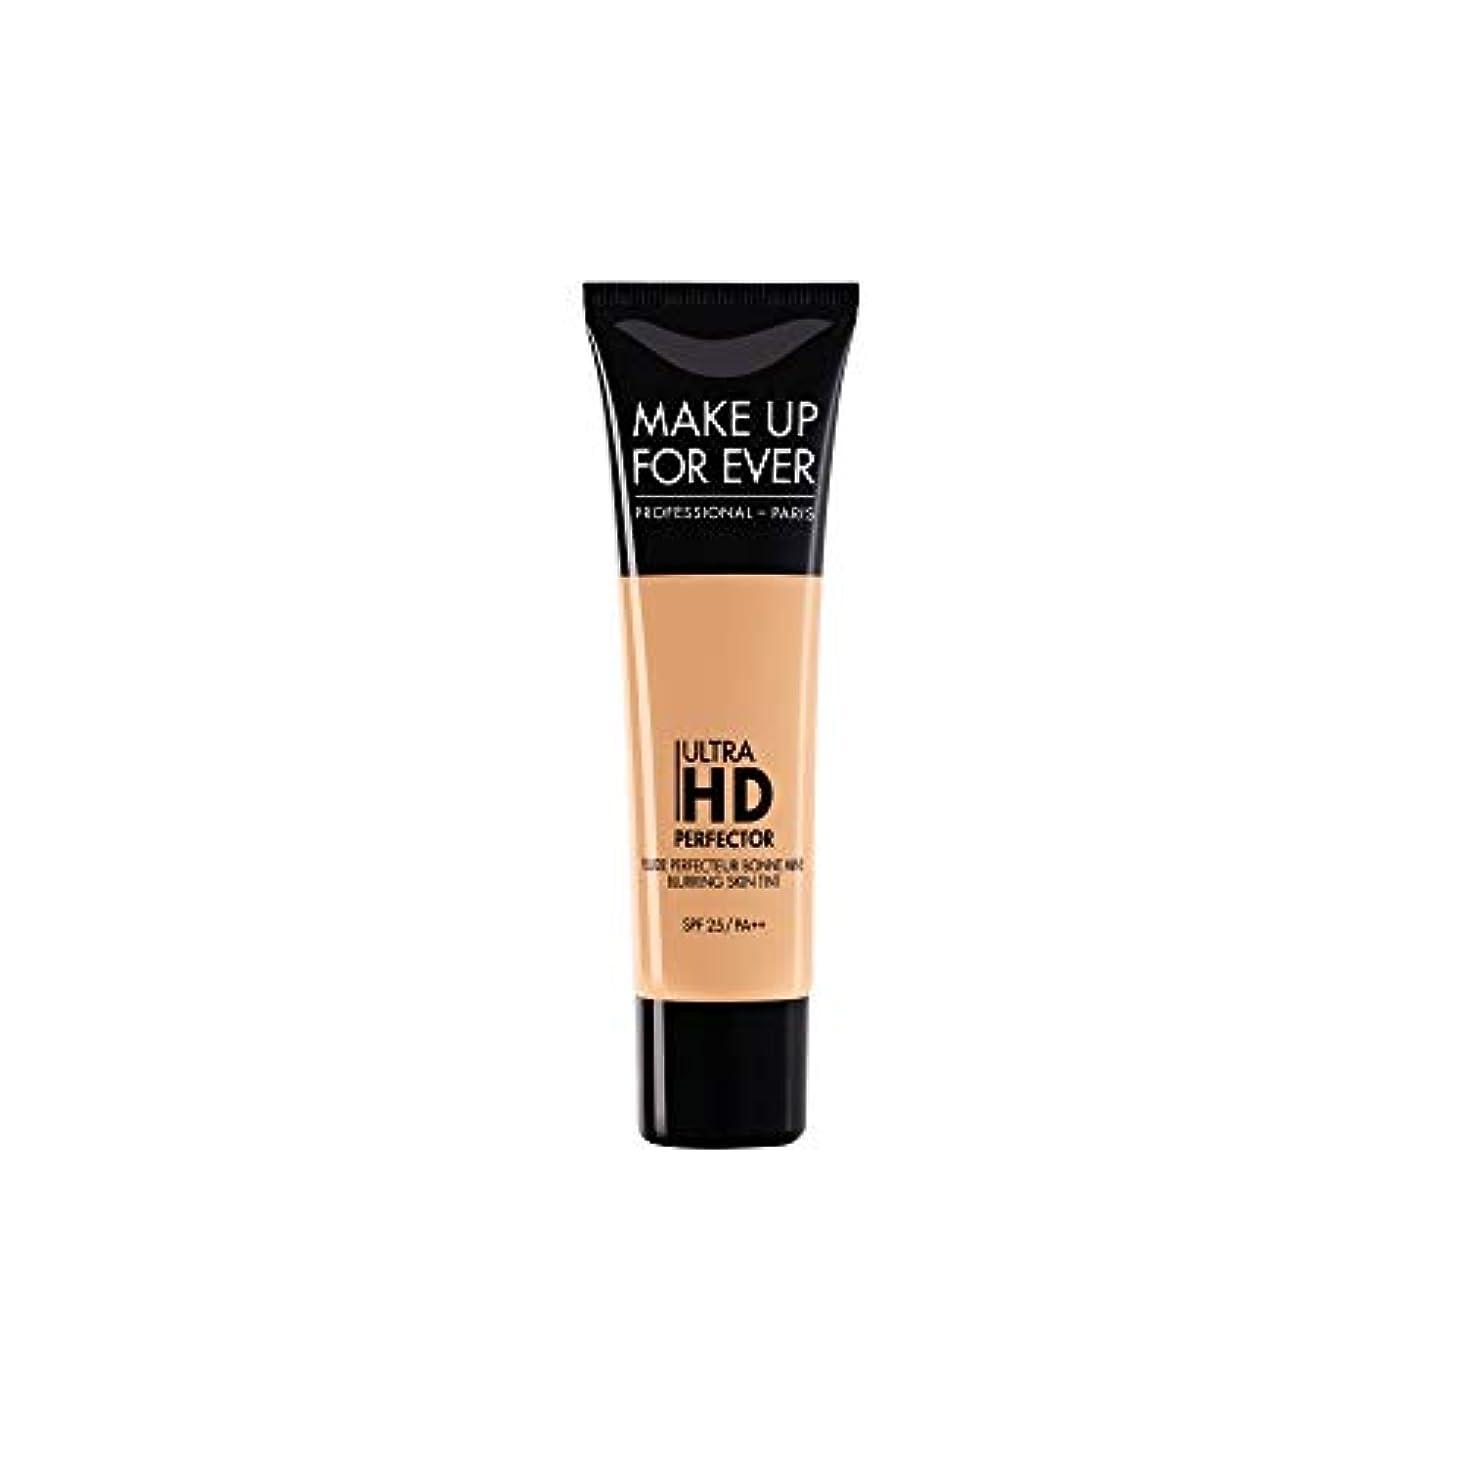 予測子作るつまずくメイクアップフォーエバー Ultra HD Perfector Blurring Skin Tint SPF25 - # 07 Golden Apricot 30ml/1.01oz並行輸入品